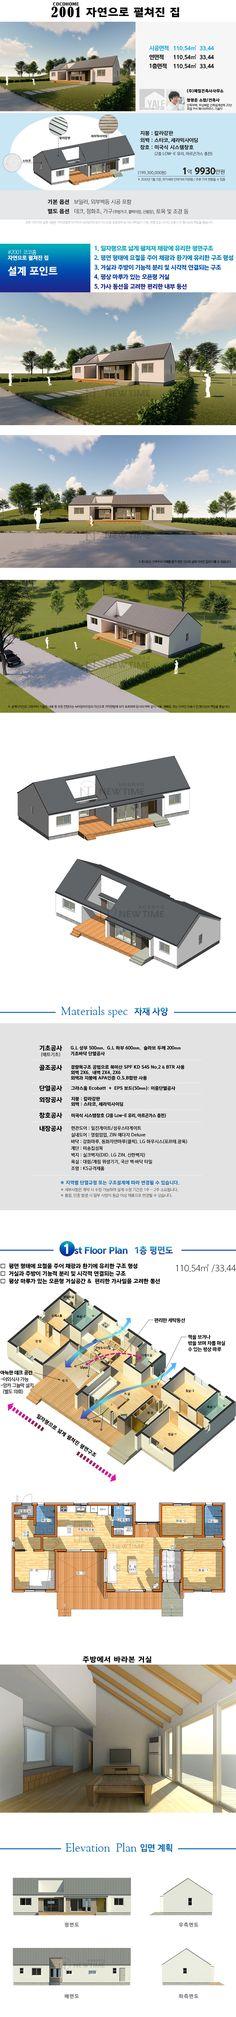 뉴타임하우징 Home Projects, House, Architecture, Home, Haus, House Projects, Houses, Homes